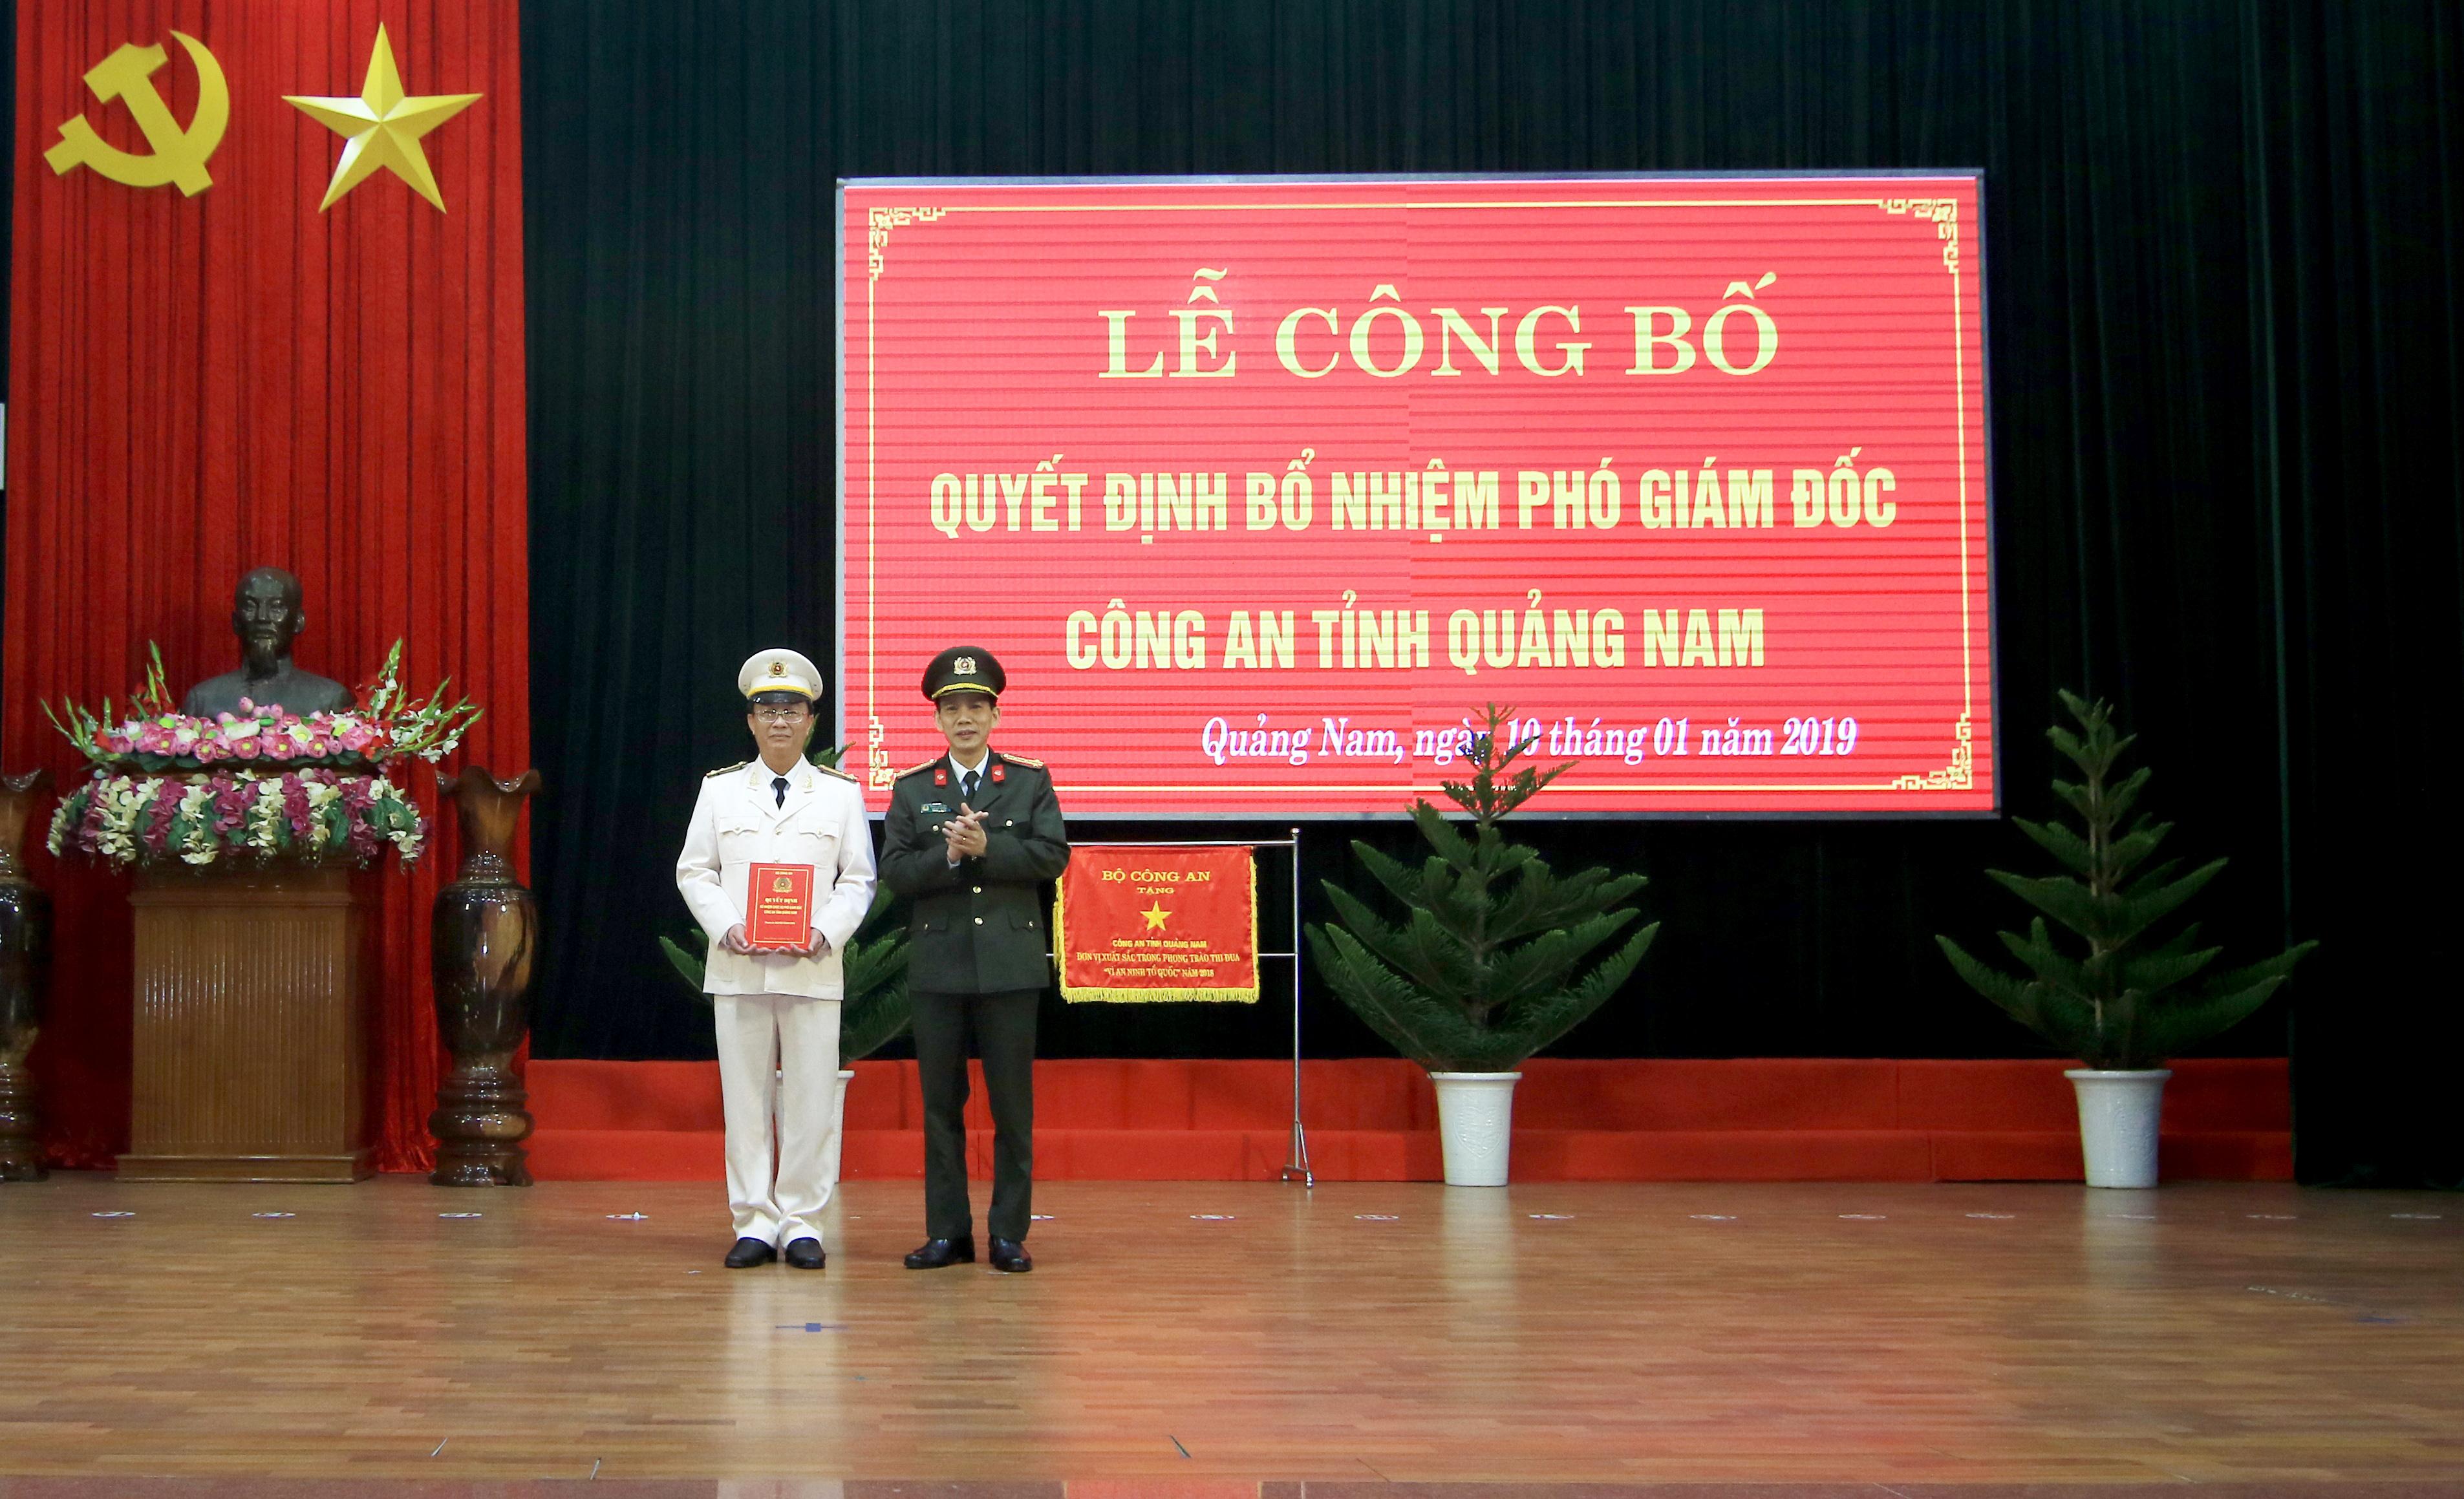 Thượng tá Nguyễn Thành Long nhận quyết định bổ nhiệm chức vụ Phó Giám đốc Công an tỉnh. Ảnh: T.C